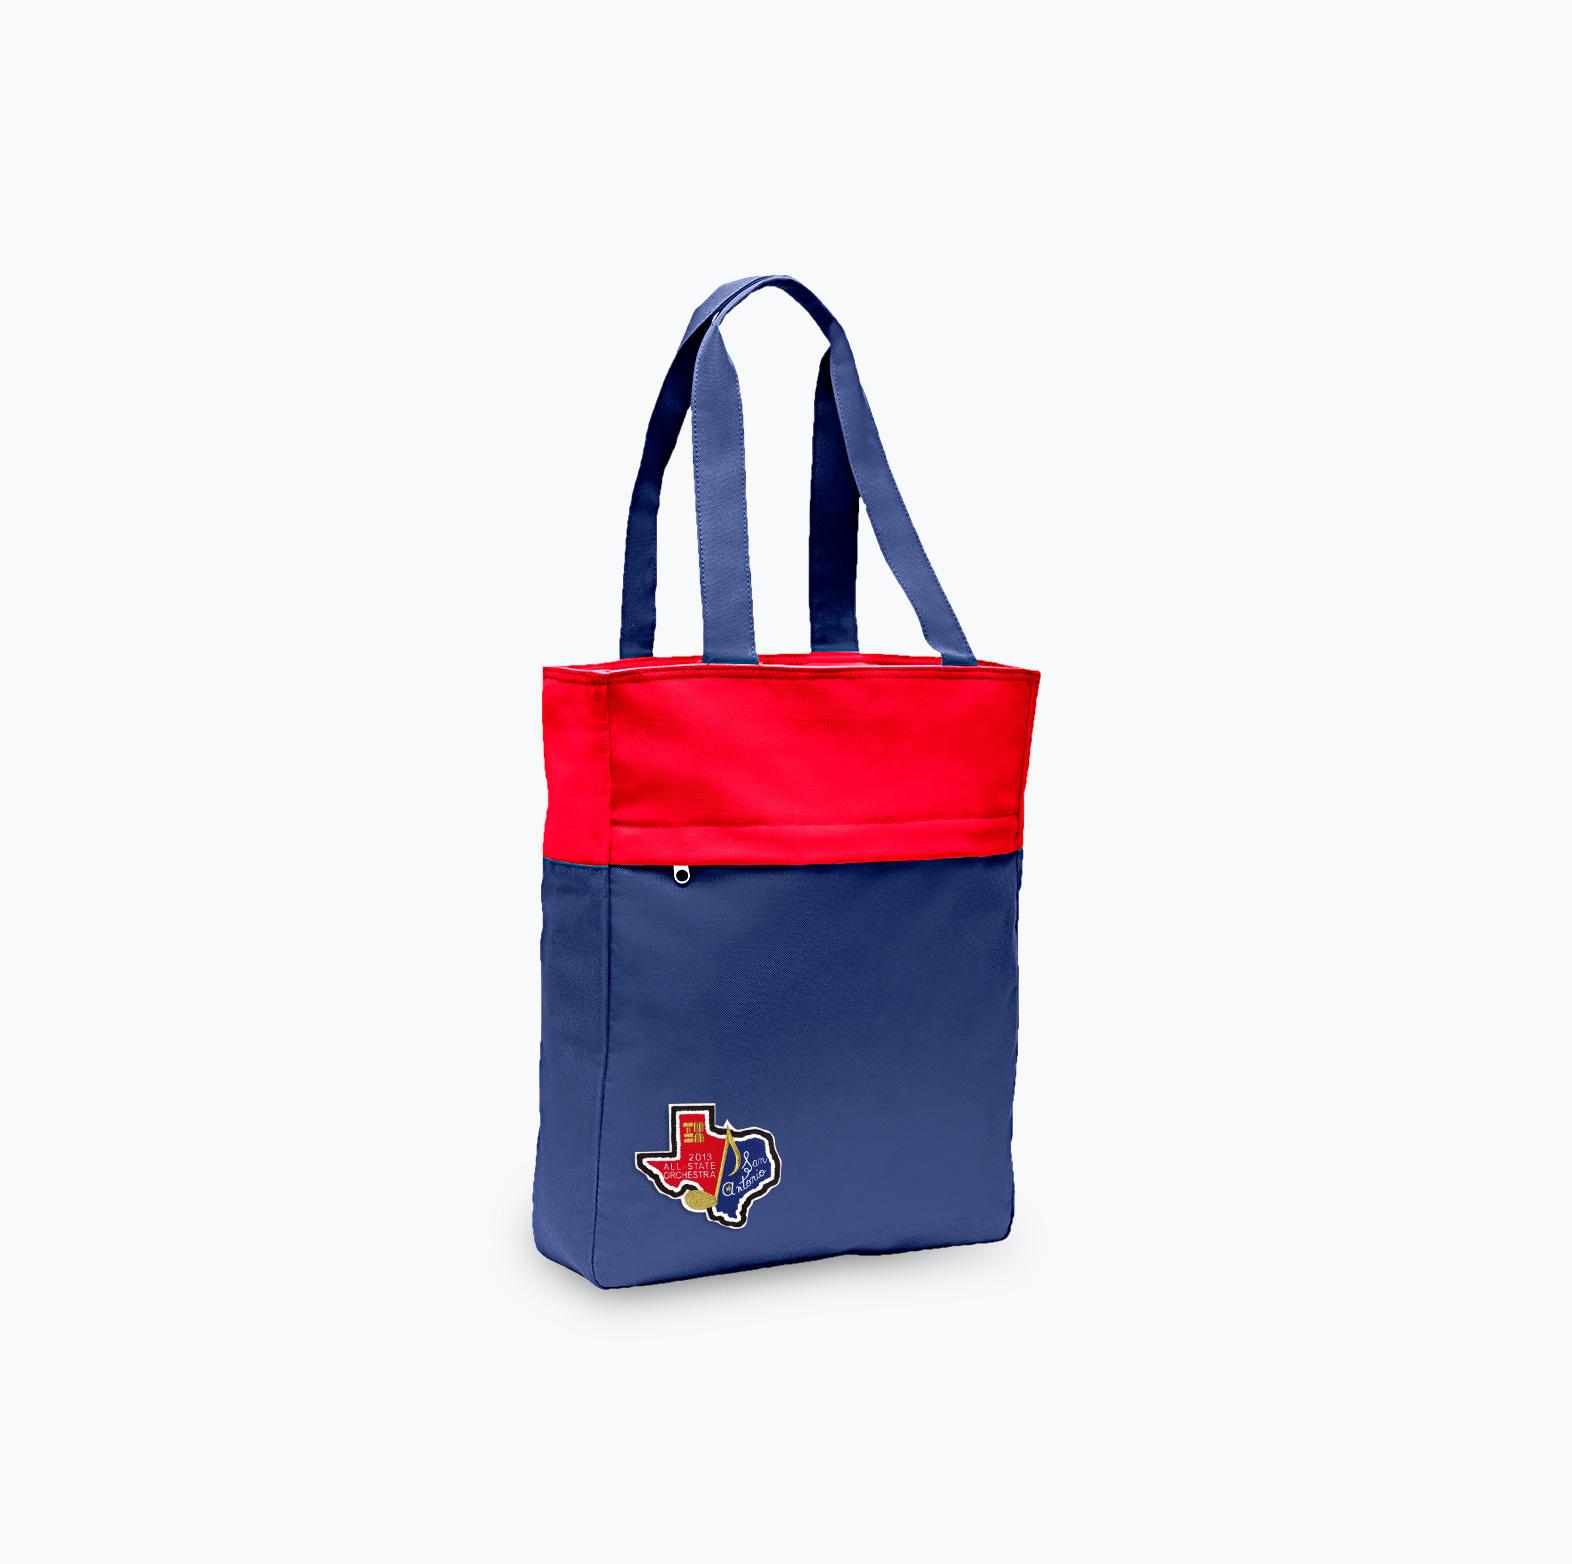 tote-bags-sku-bg404(1)